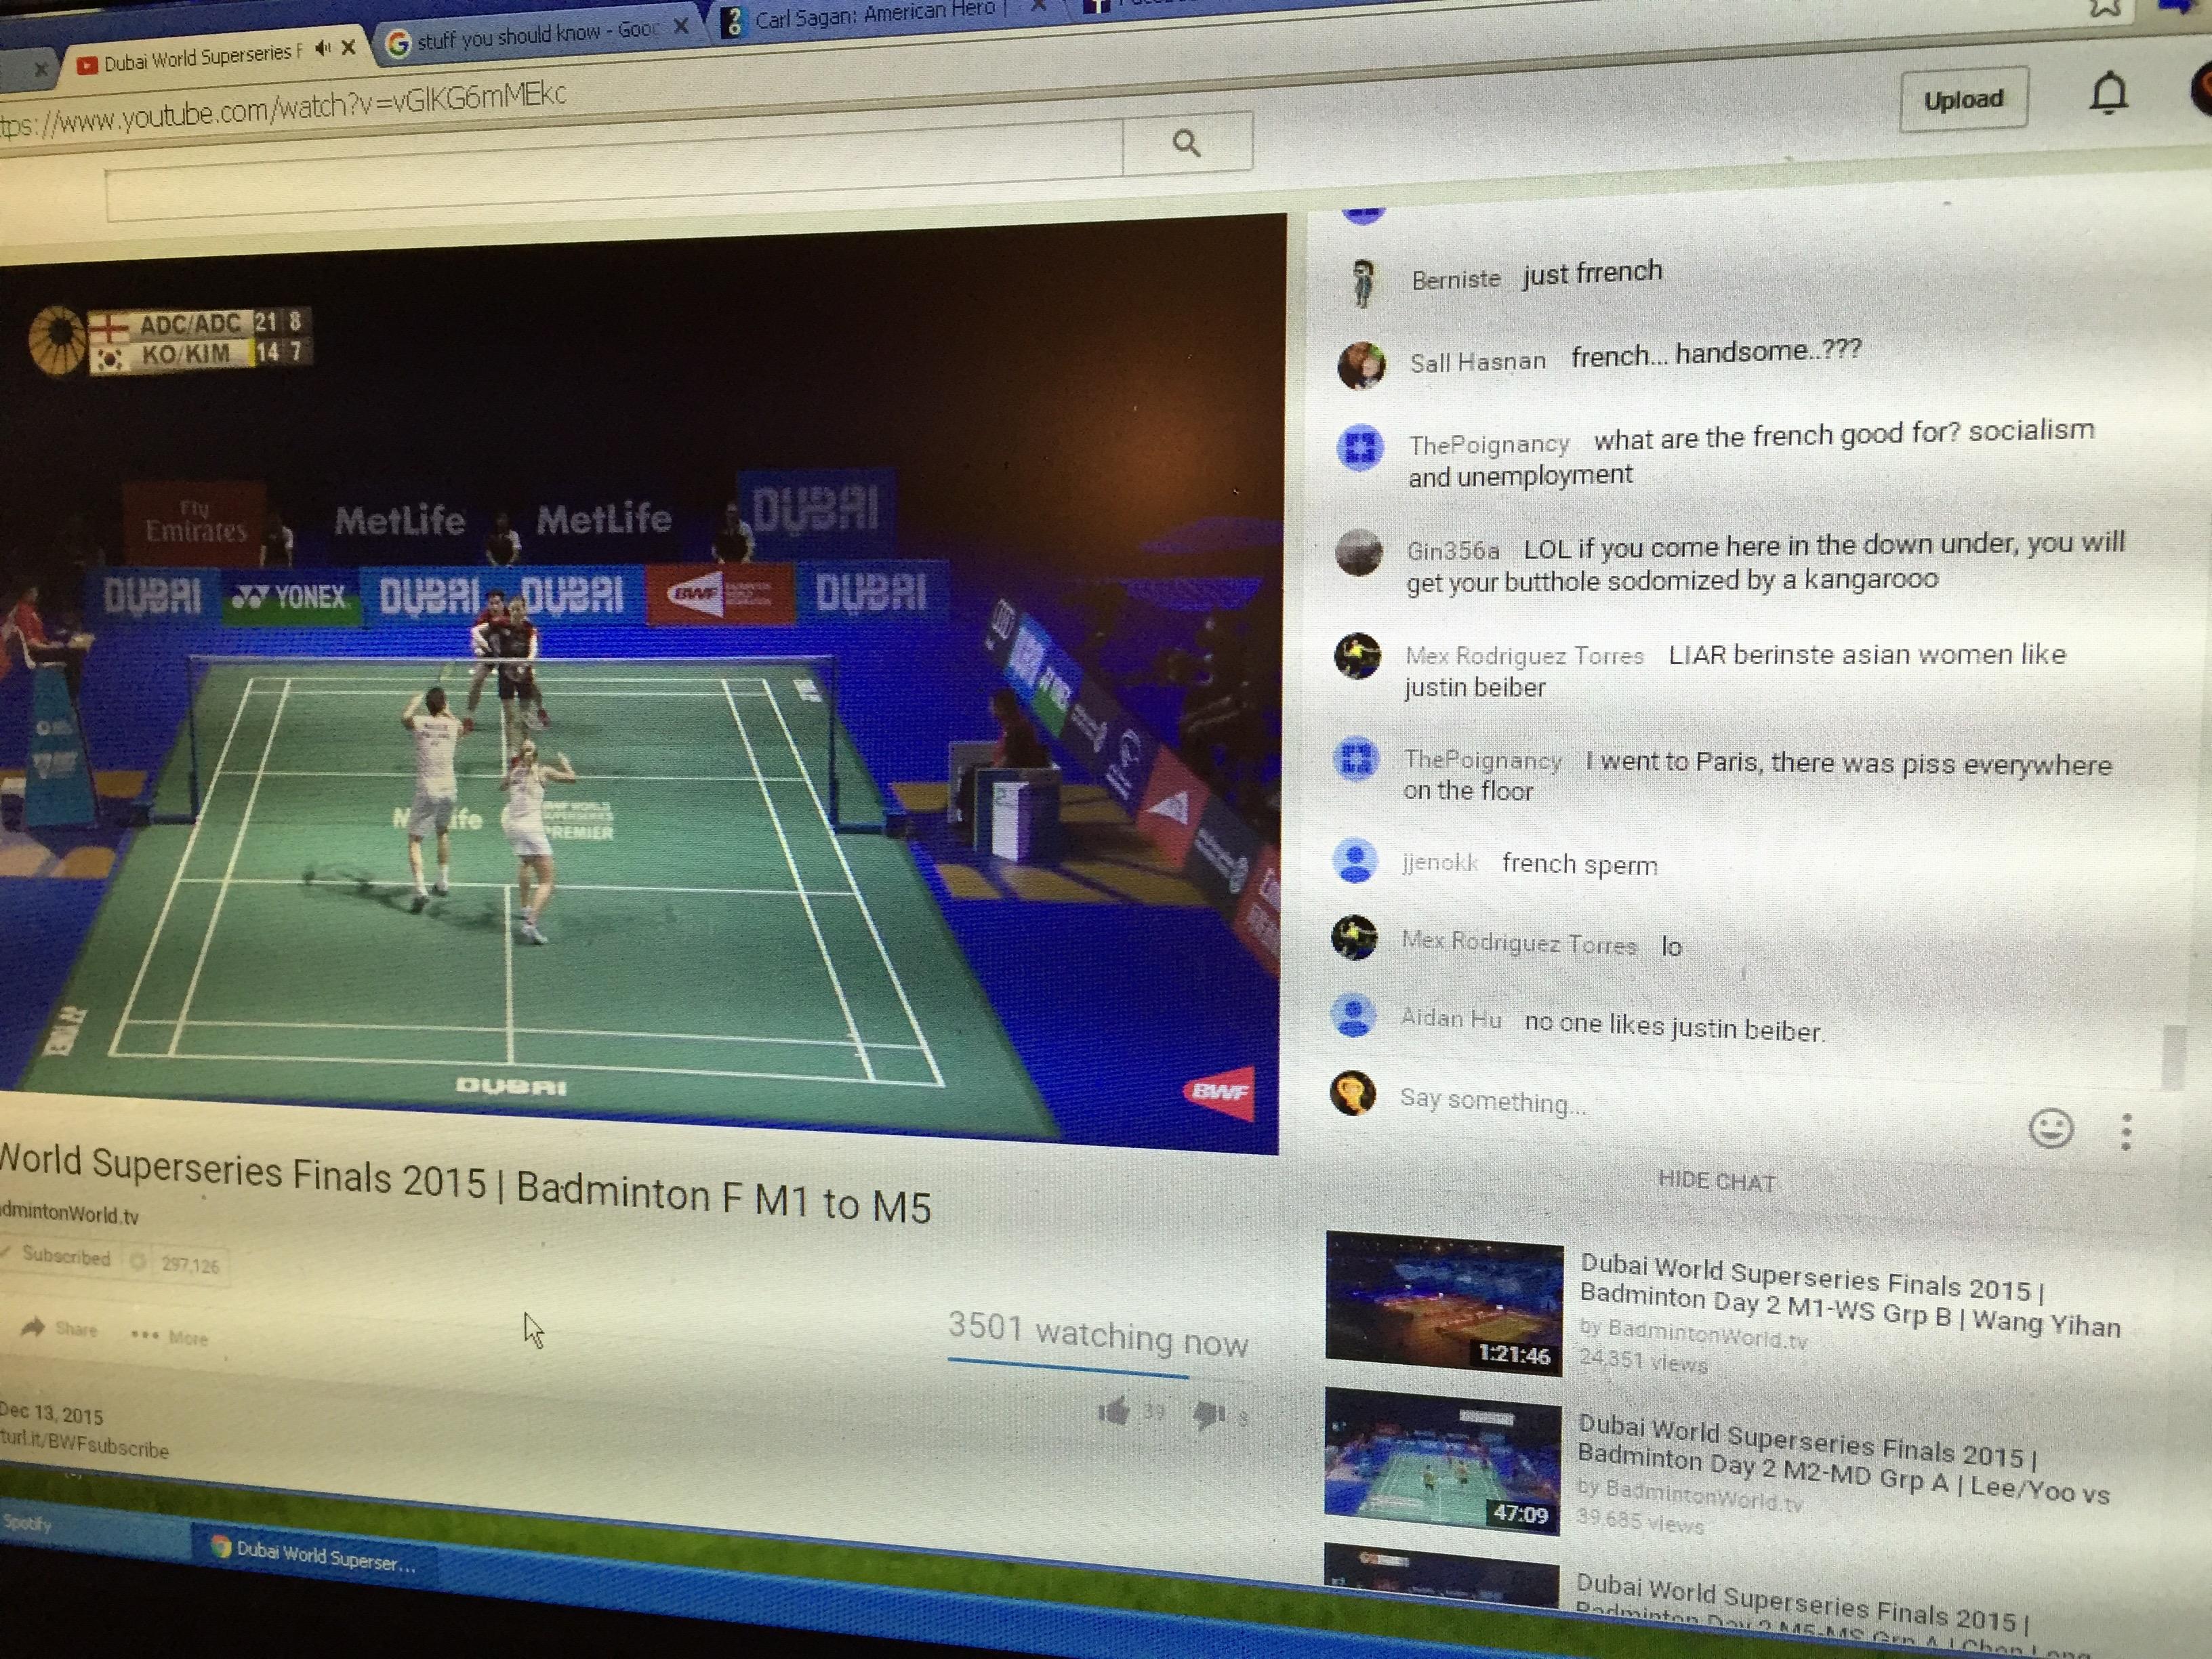 Badminton comments